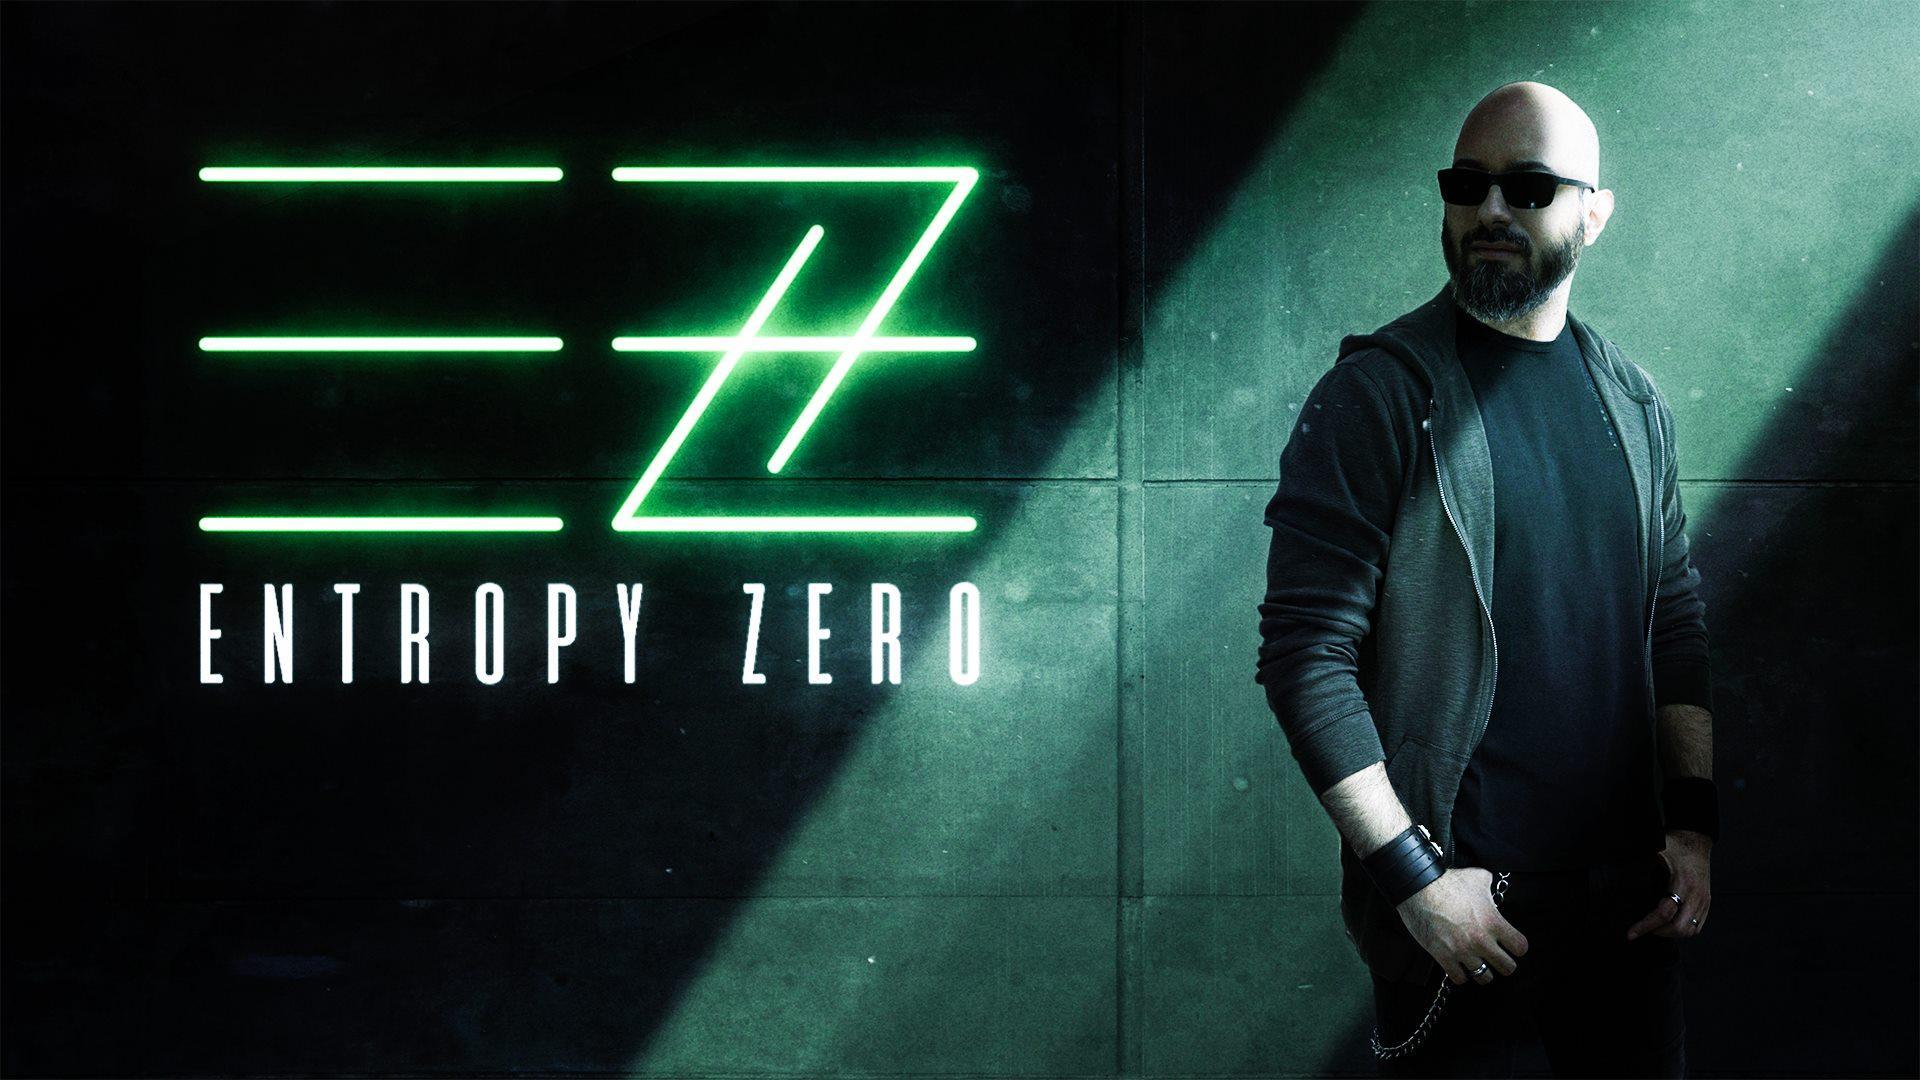 Entropy zero